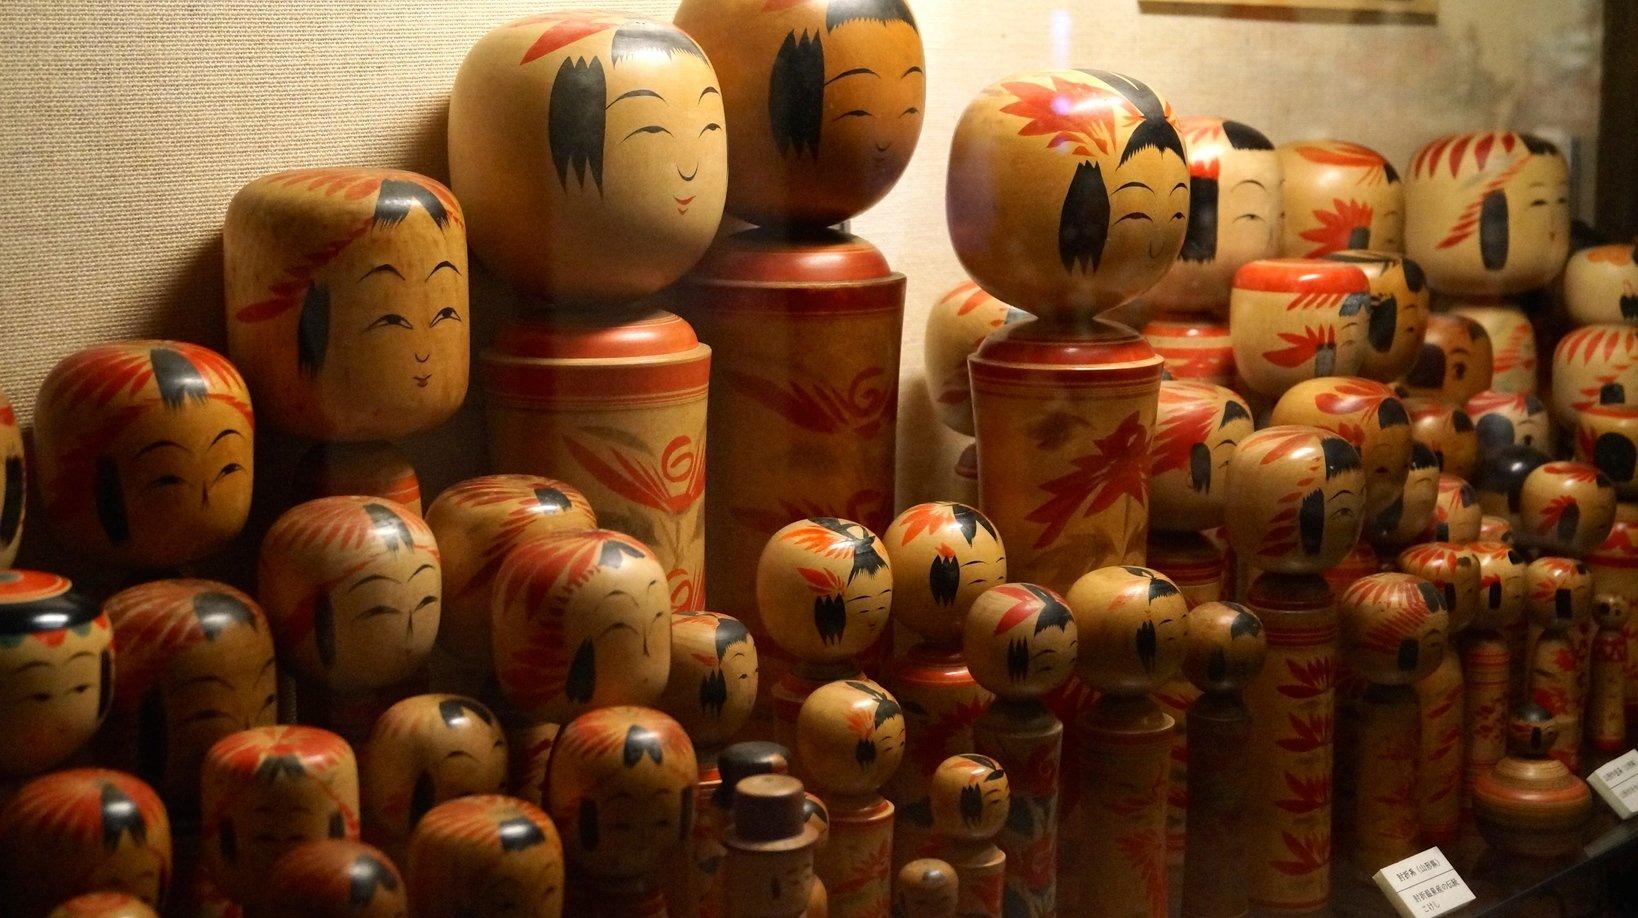 4号館には日本各地のこけしが勢揃い。とても迫力がありますね